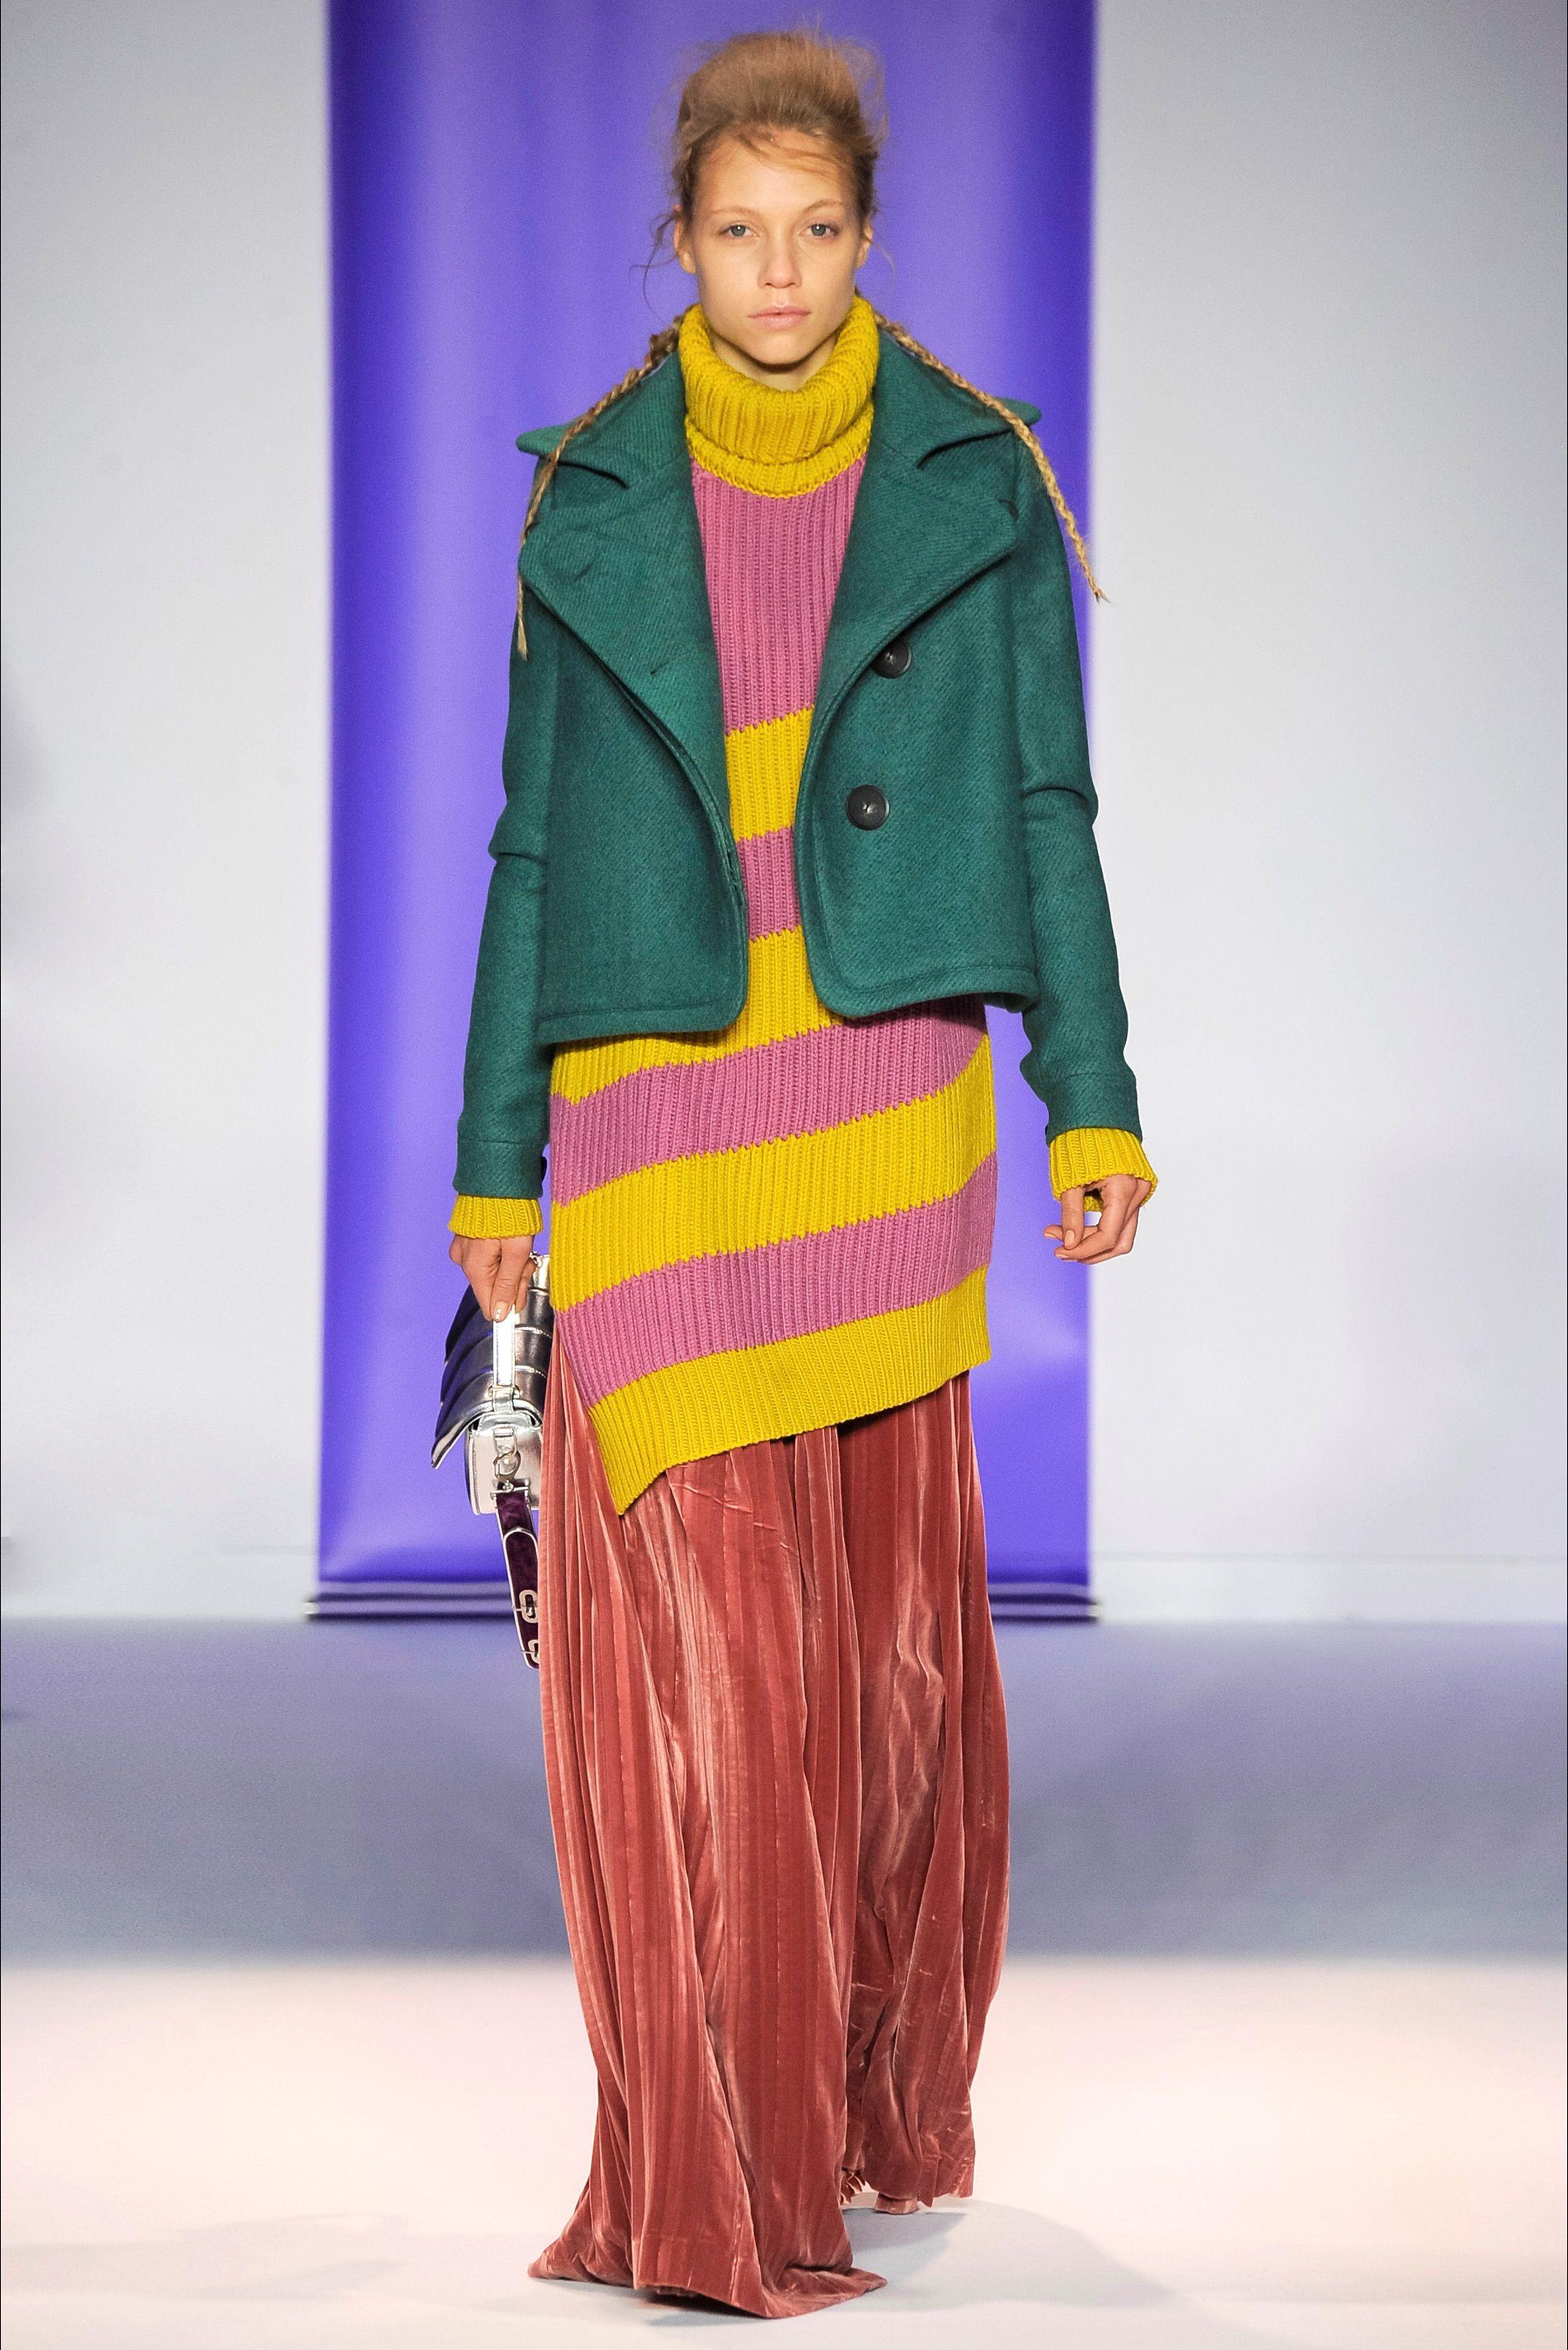 Guarda la sfilata di moda Marco De Vincenzo a Milano e scopri la collezione di abiti e accessori per la stagione Collezioni Autunno Inverno 2016-17.